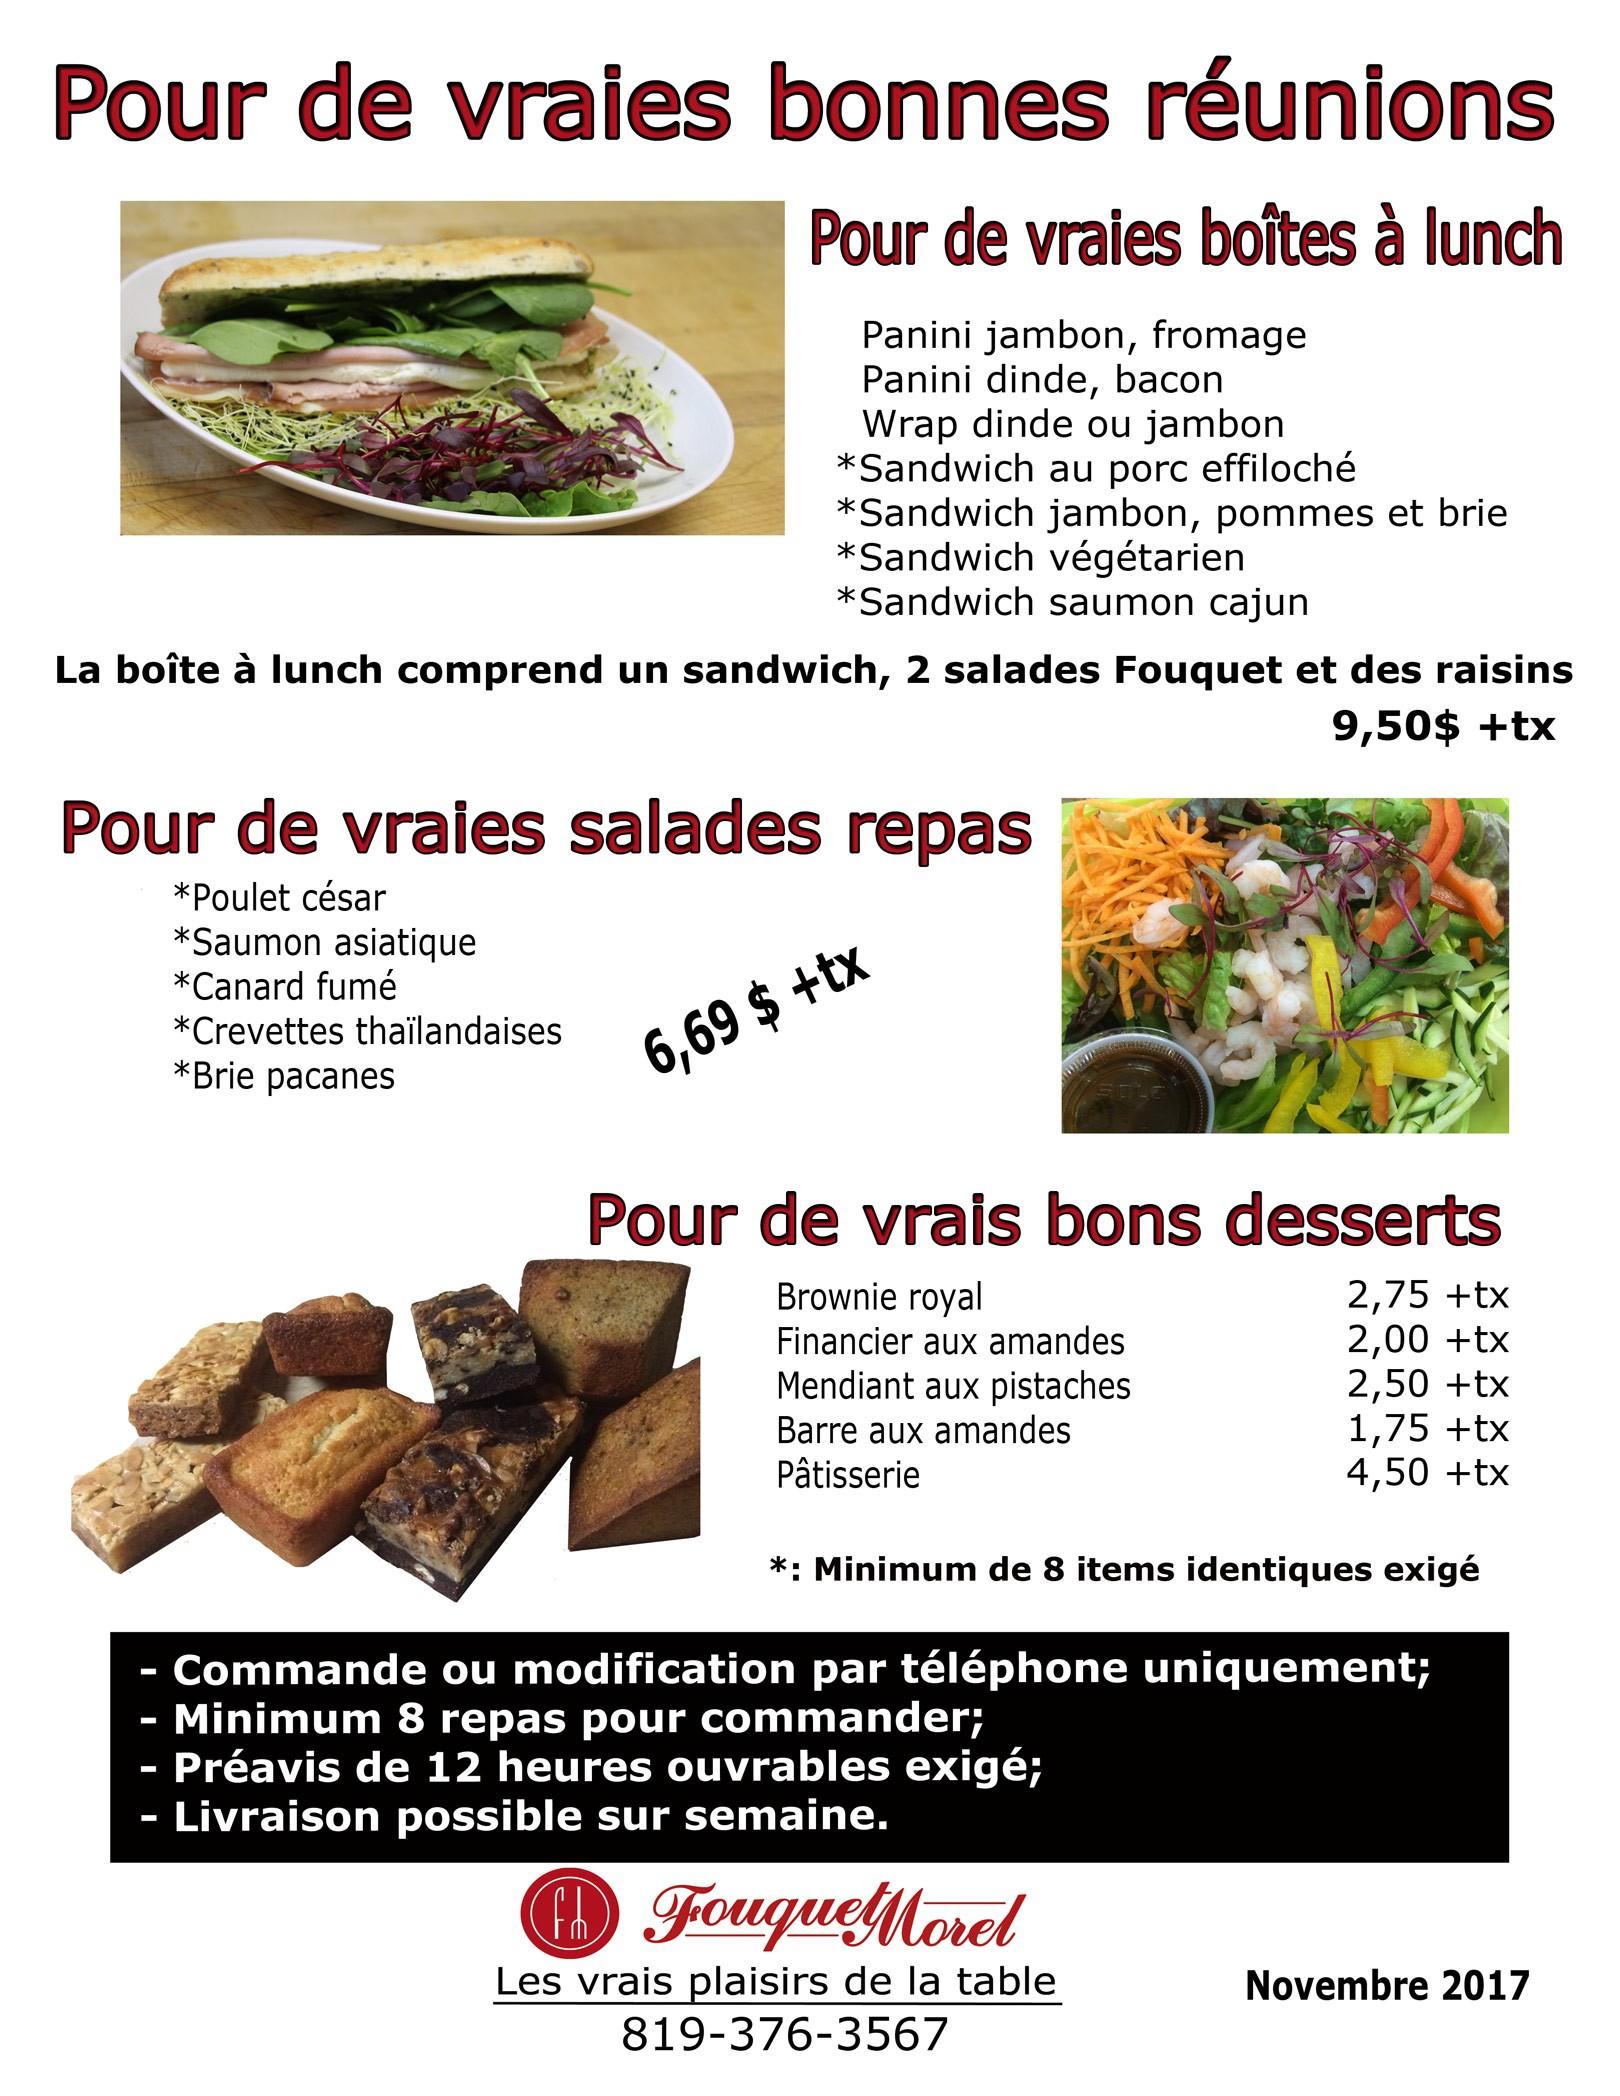 Cuisine Darty Avis 2017 Beau Photographie Cuisine Morel Avis Best 45 Meilleur De Image De Avis Cuisine Darty